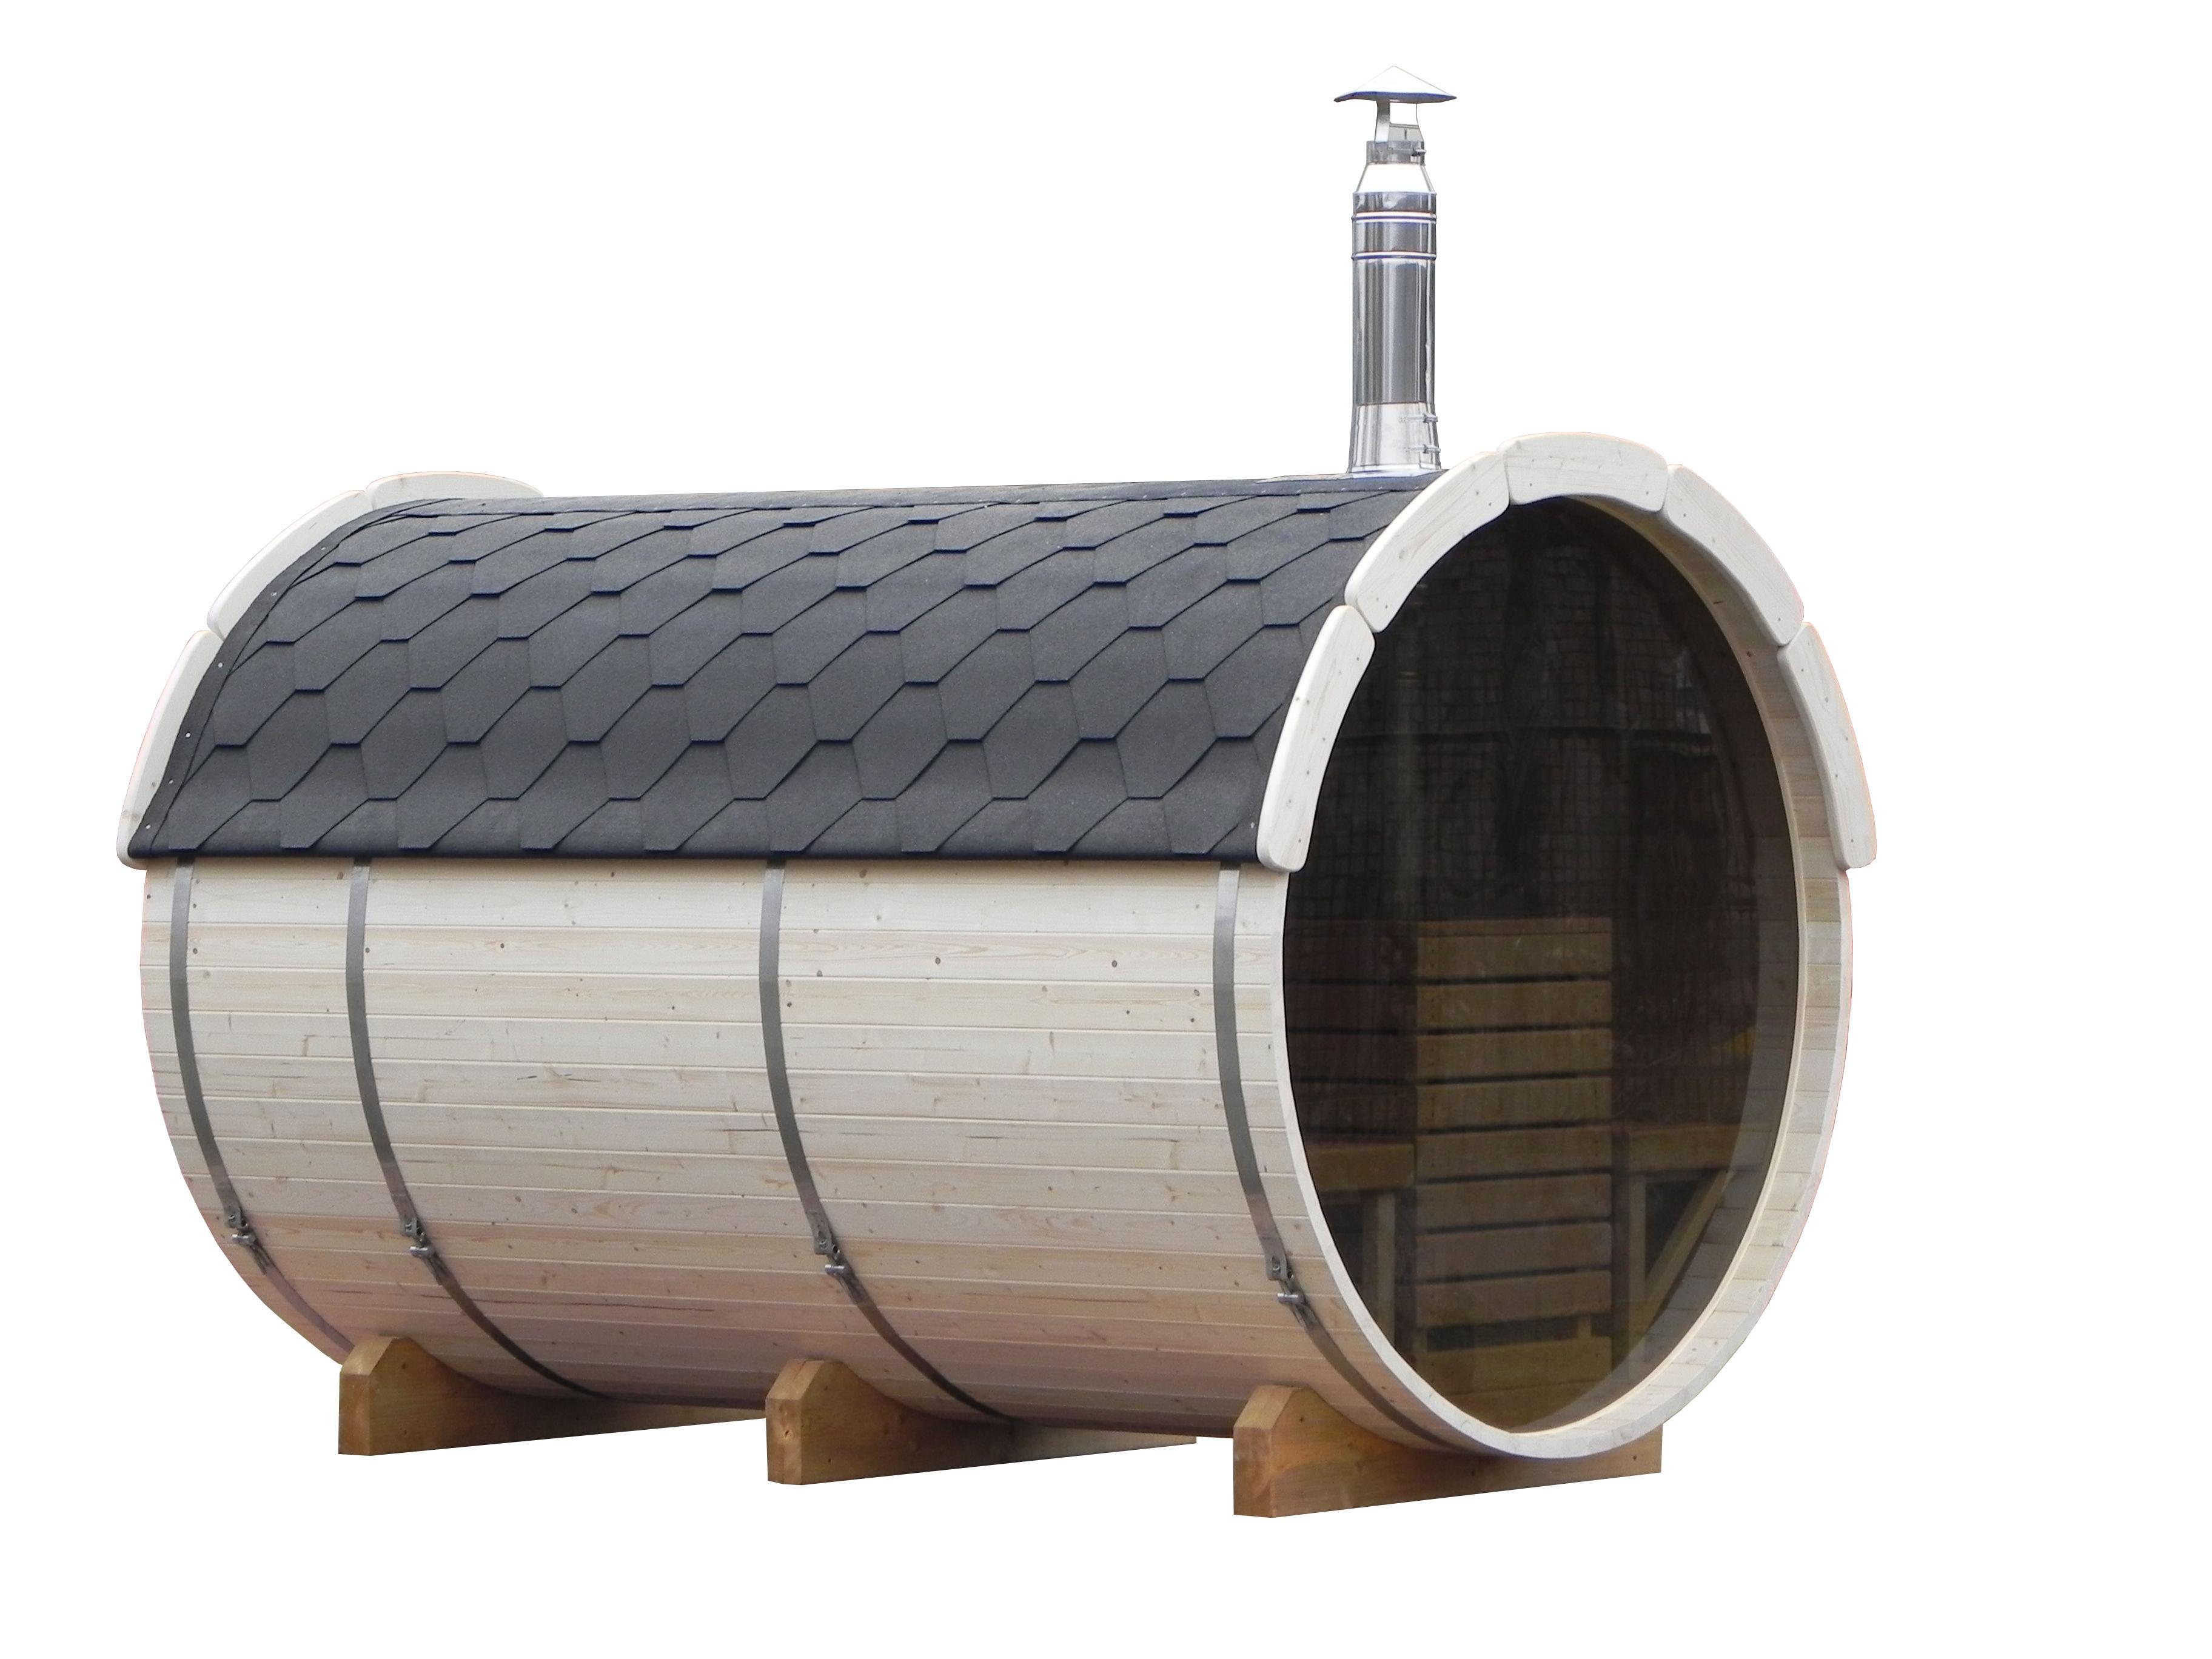 aufgebaute fasssauna mit glasr ckwand und terrasse zum hinsetzen. Black Bedroom Furniture Sets. Home Design Ideas